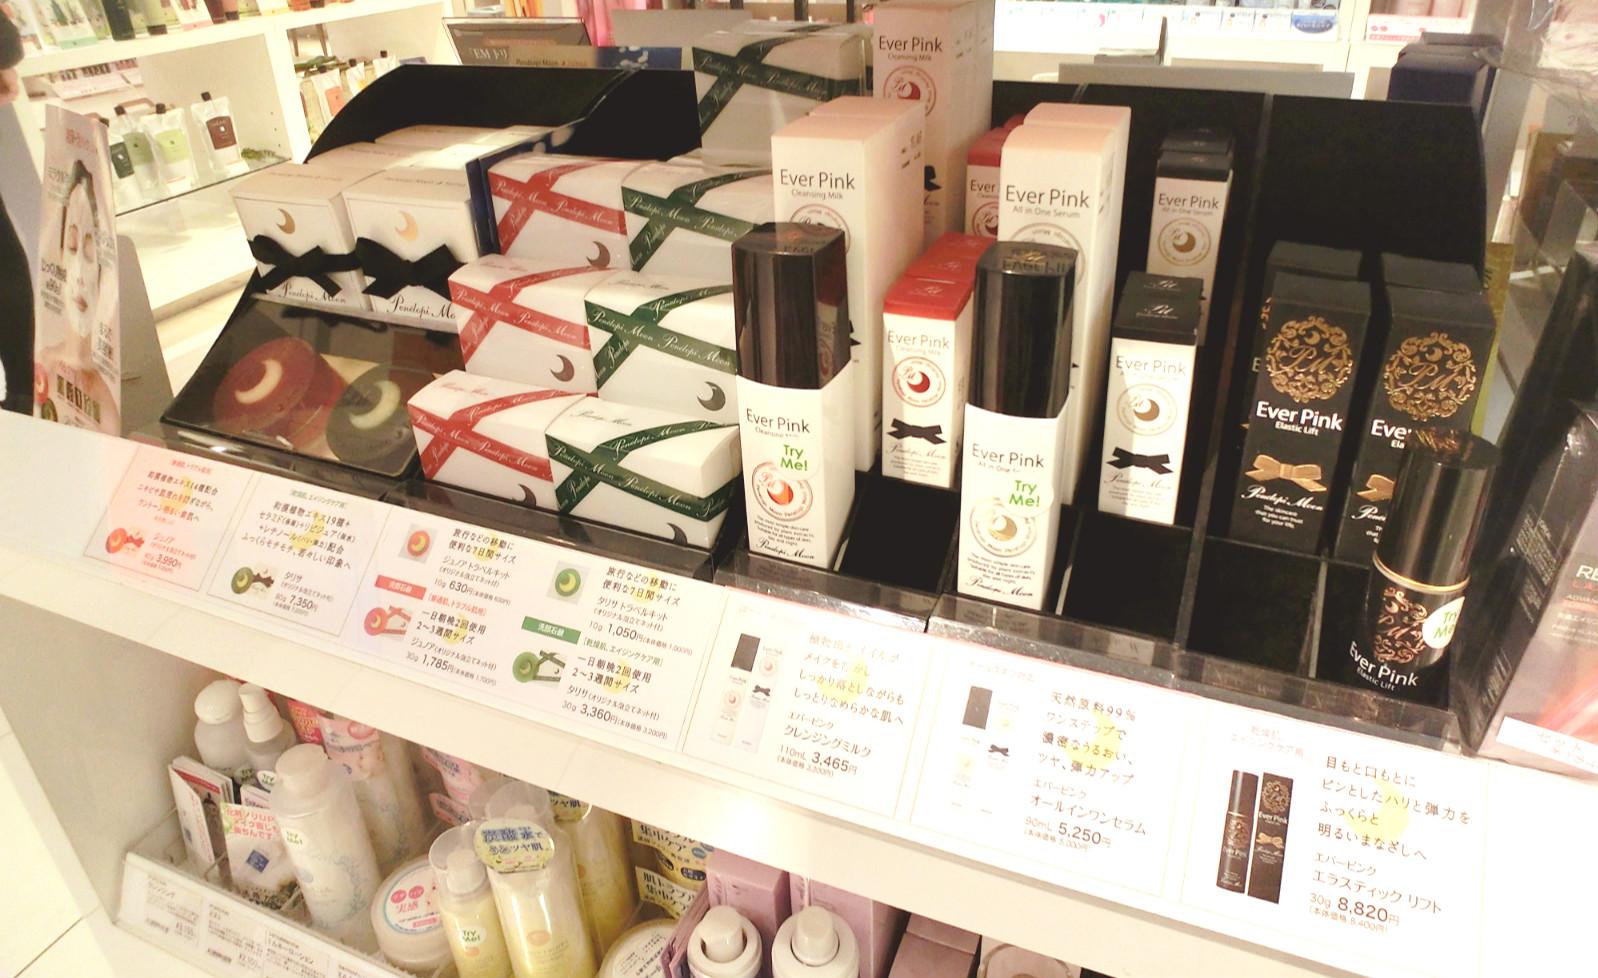 日本特辑:日本美妆店最受欢迎的洁面产品